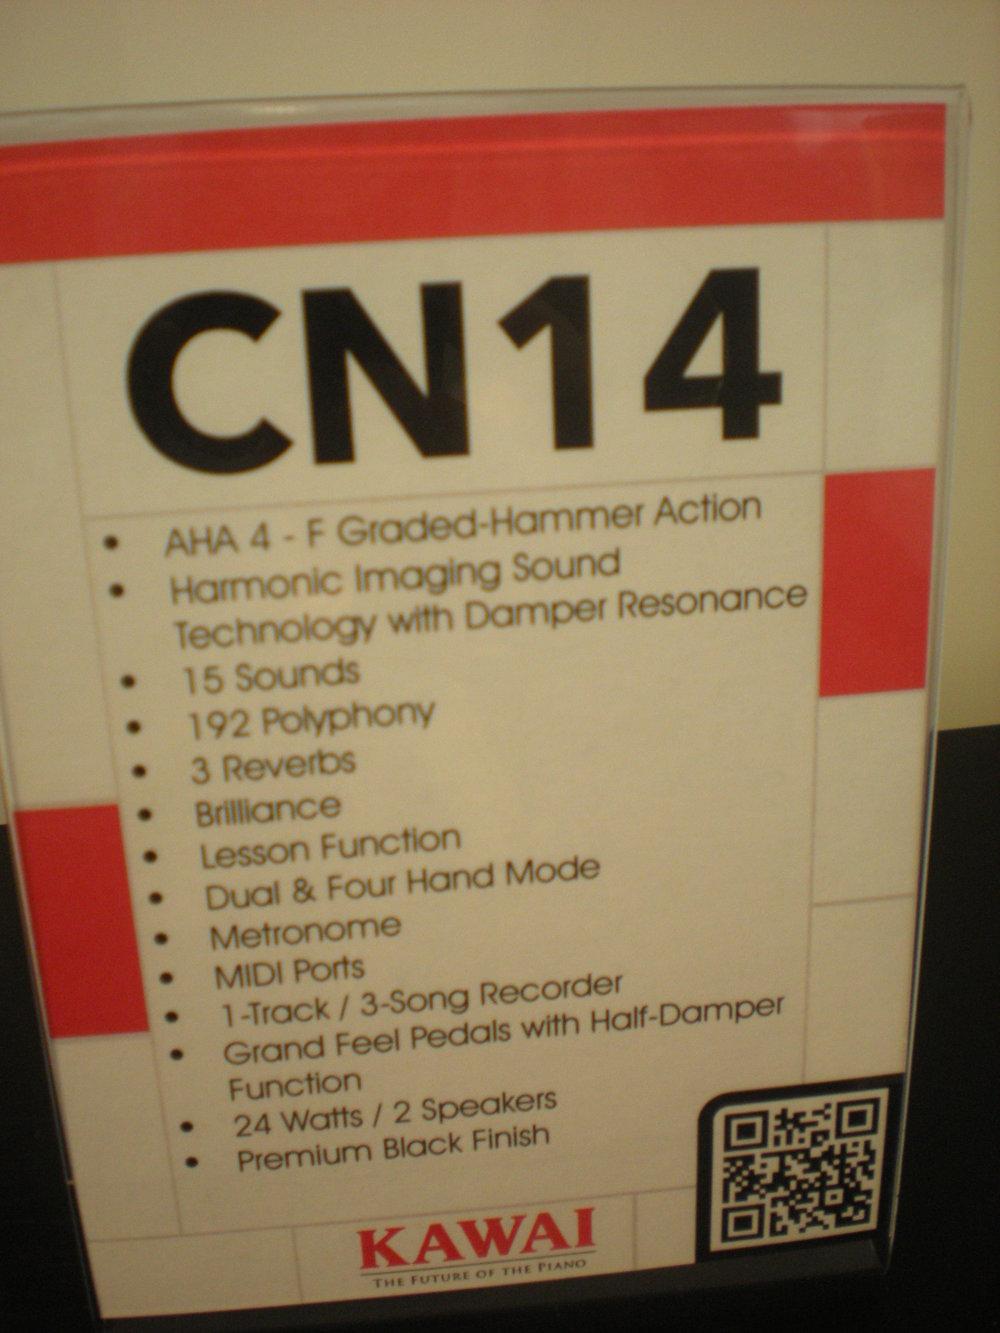 Kawai CN14 - specyfikacja